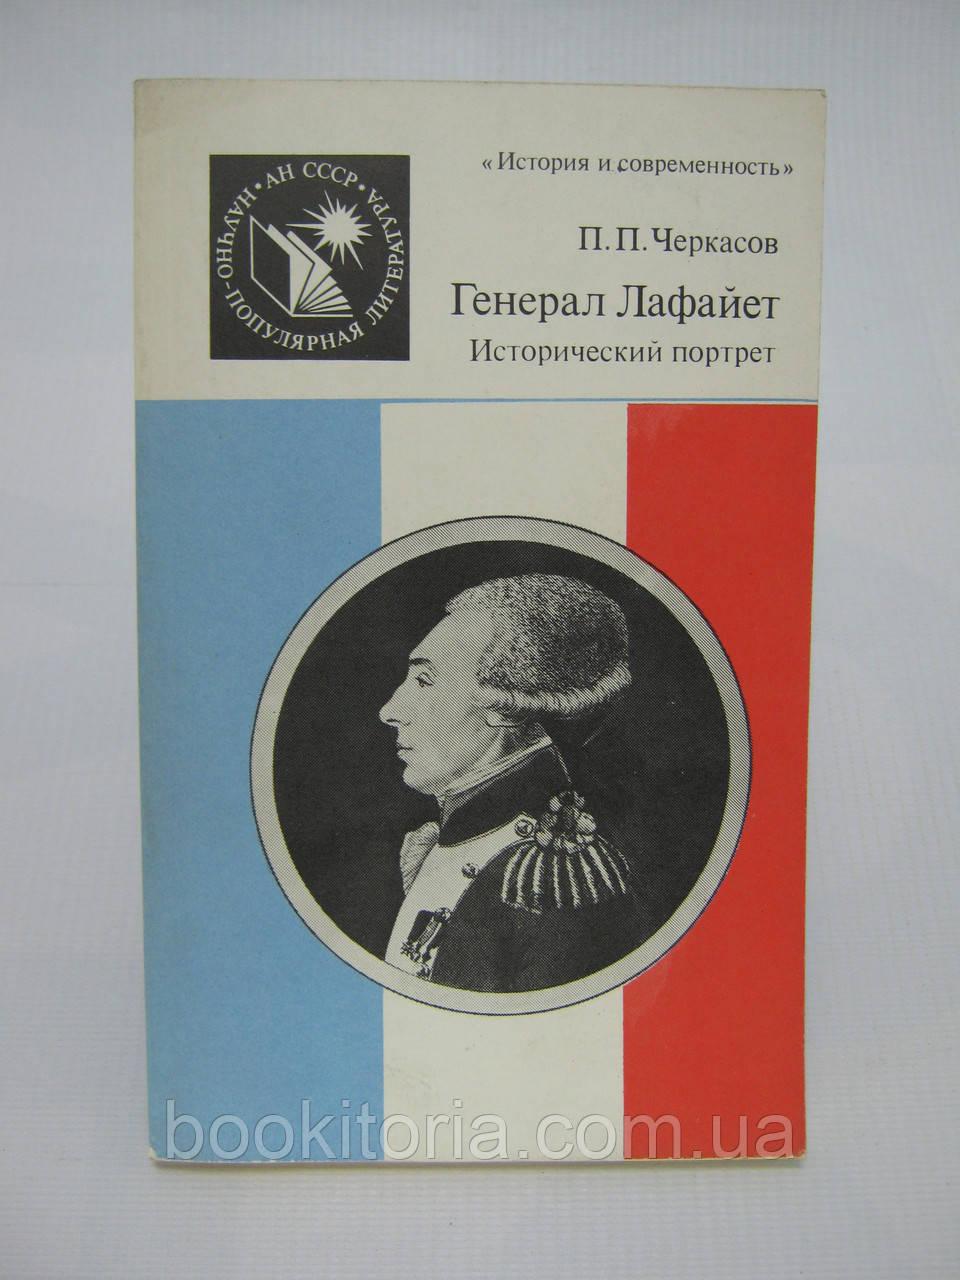 Черкасов П.П. Генерал Лафайет. Исторический портрет (б/у).